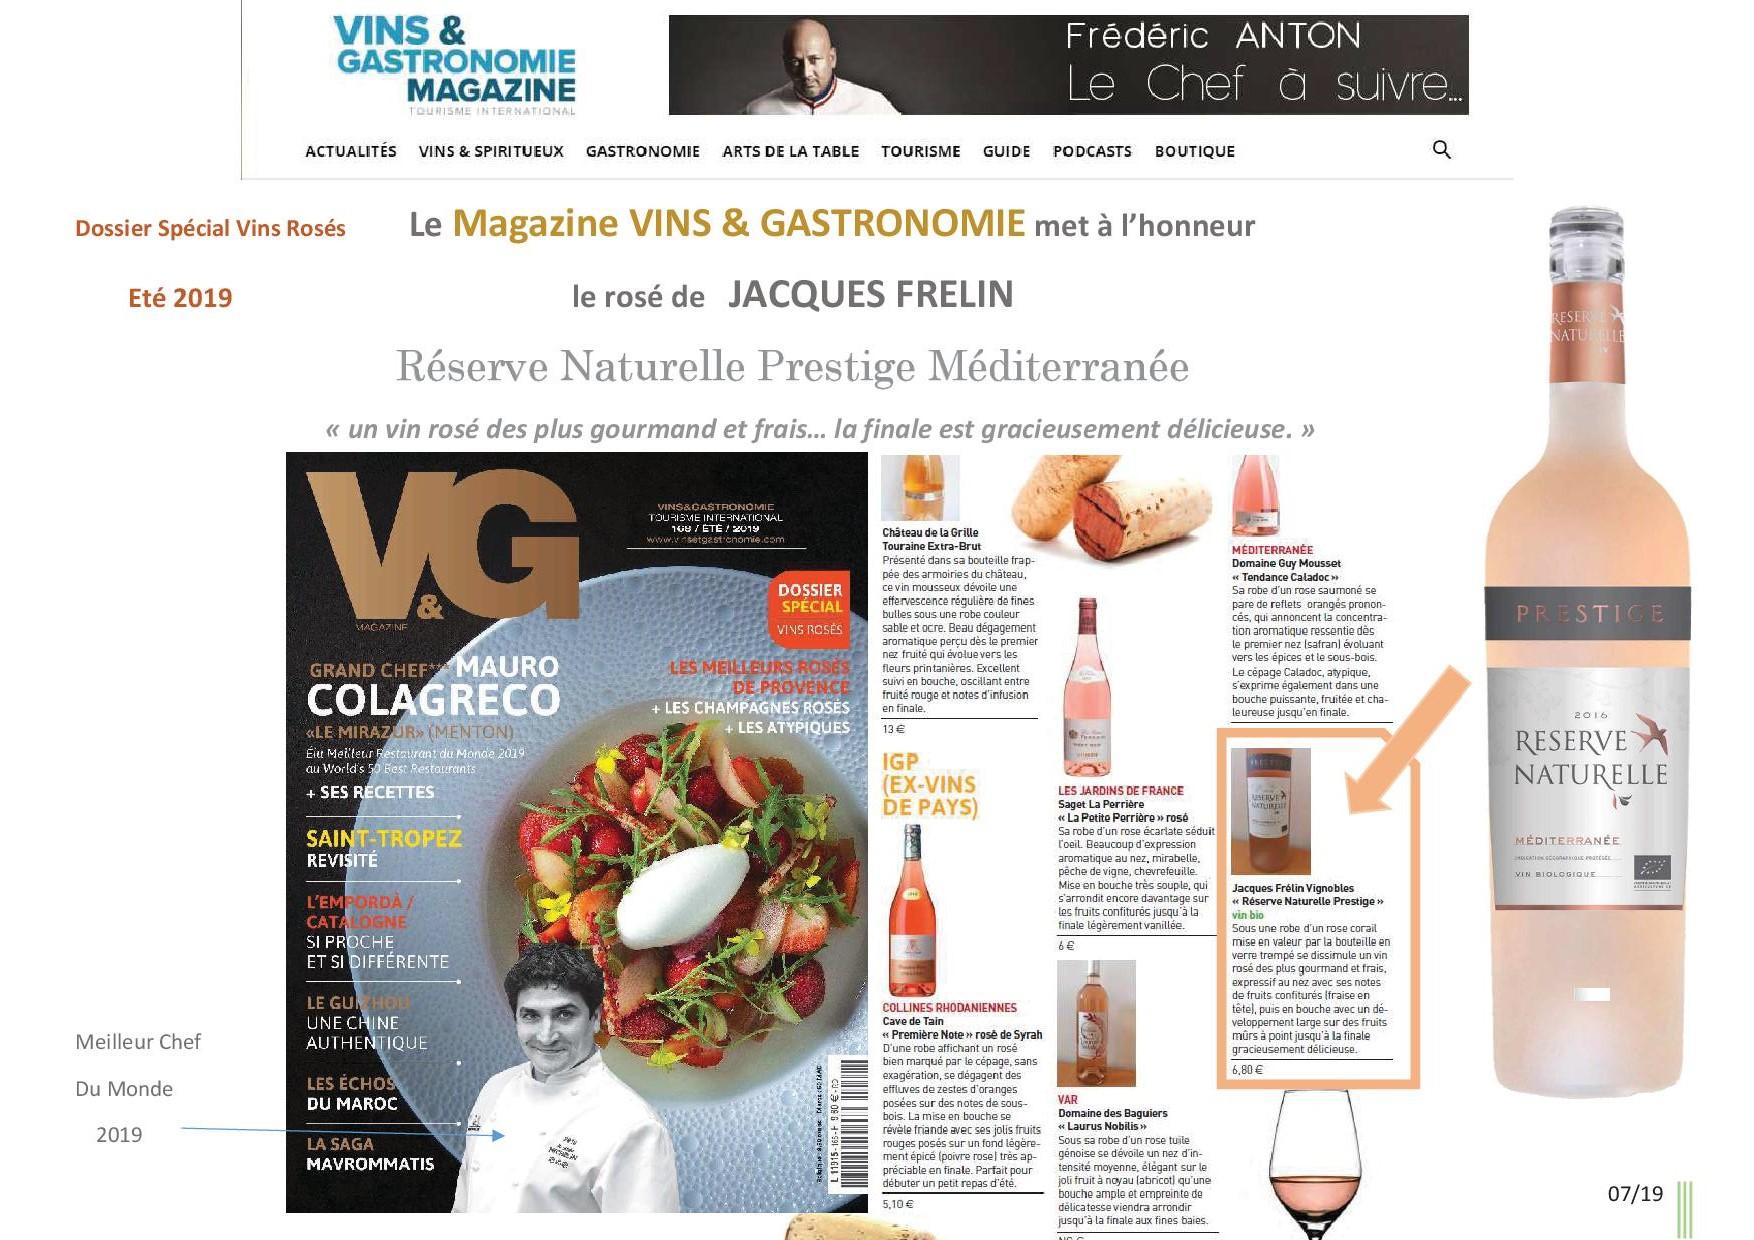 Le magazine Vins & Gastronomie met à l'honneur le rosé de Jacques FRELIN RESERVE NATURELLE Prestige Méditerranée